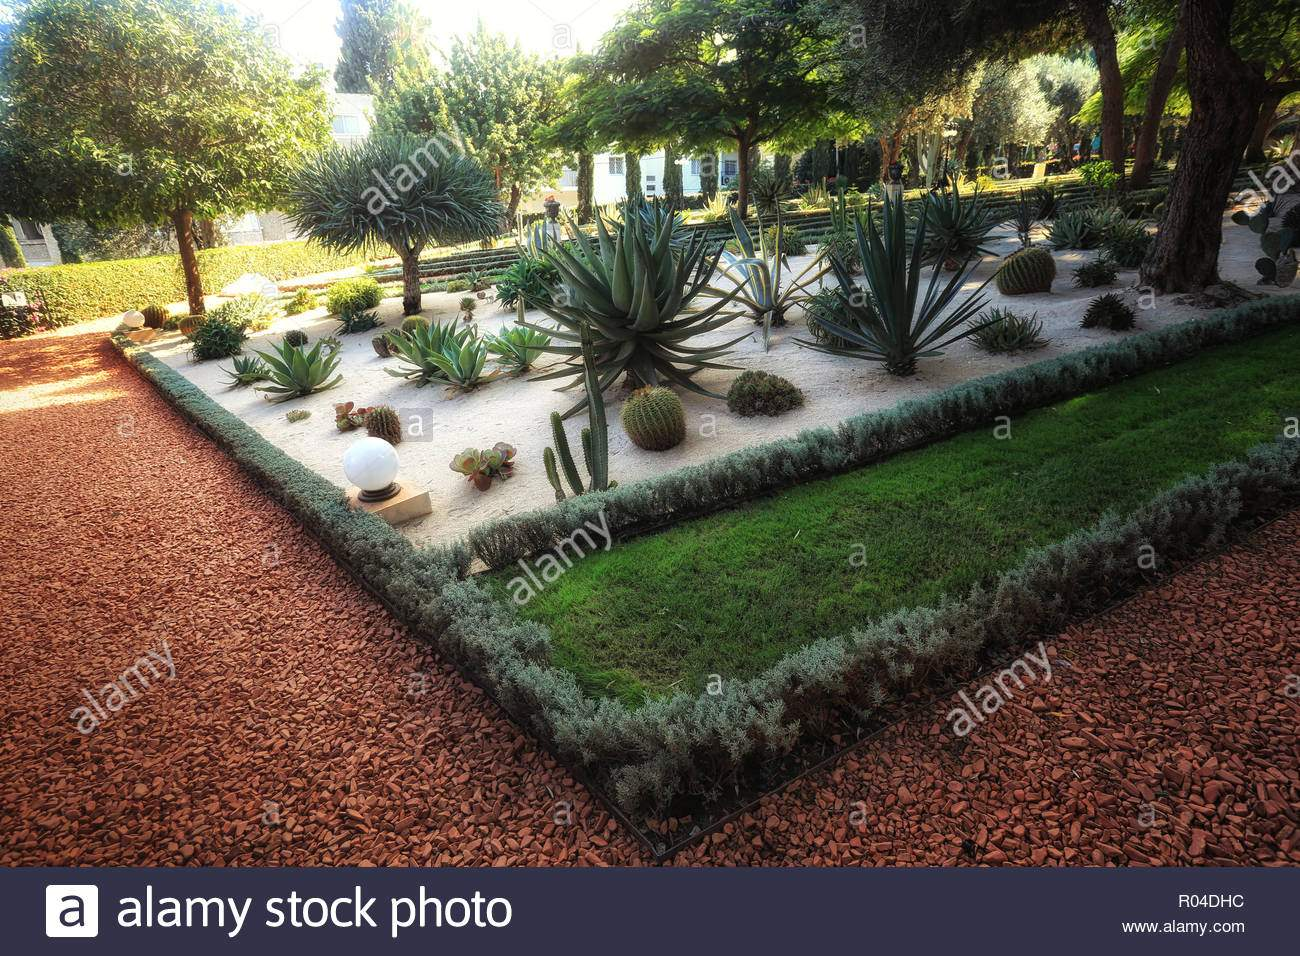 bahai garten in haifa in israel es ist ein ort wo menschen schone garten blumen und andere pflanzen bewundern r04dhc